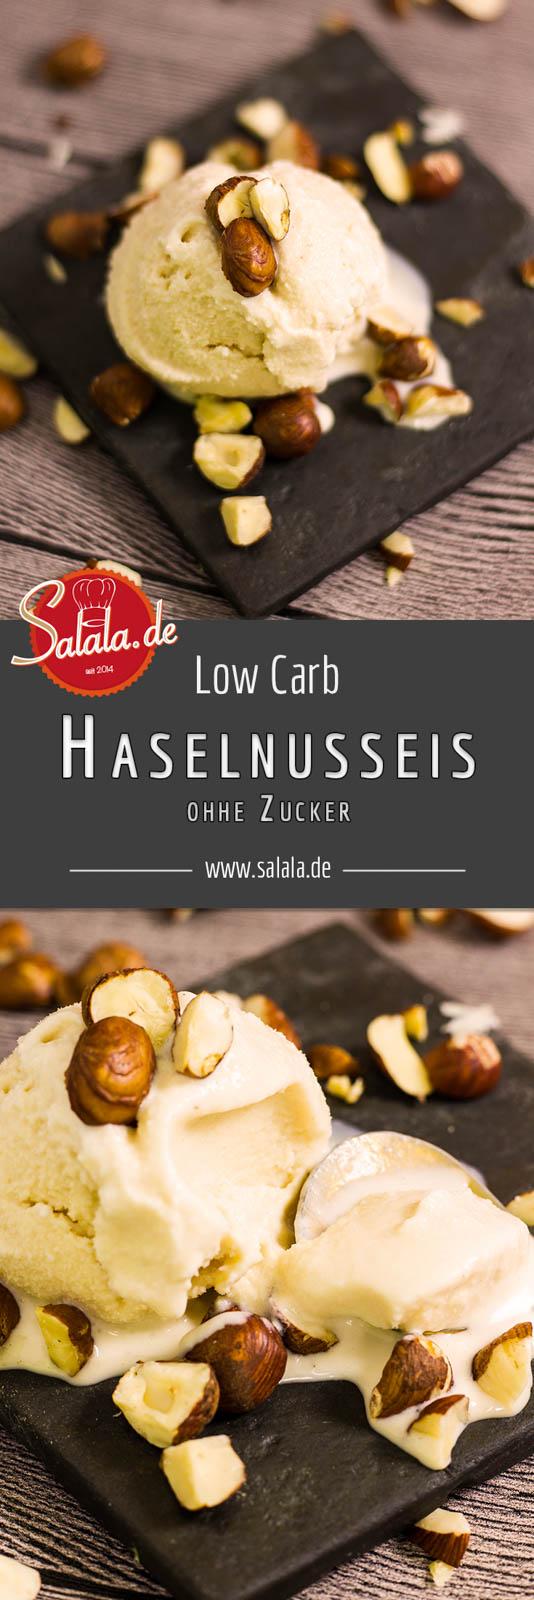 Haselnusseis selber machen - by salala.de - Rezept ohne Zucker und Low Carb